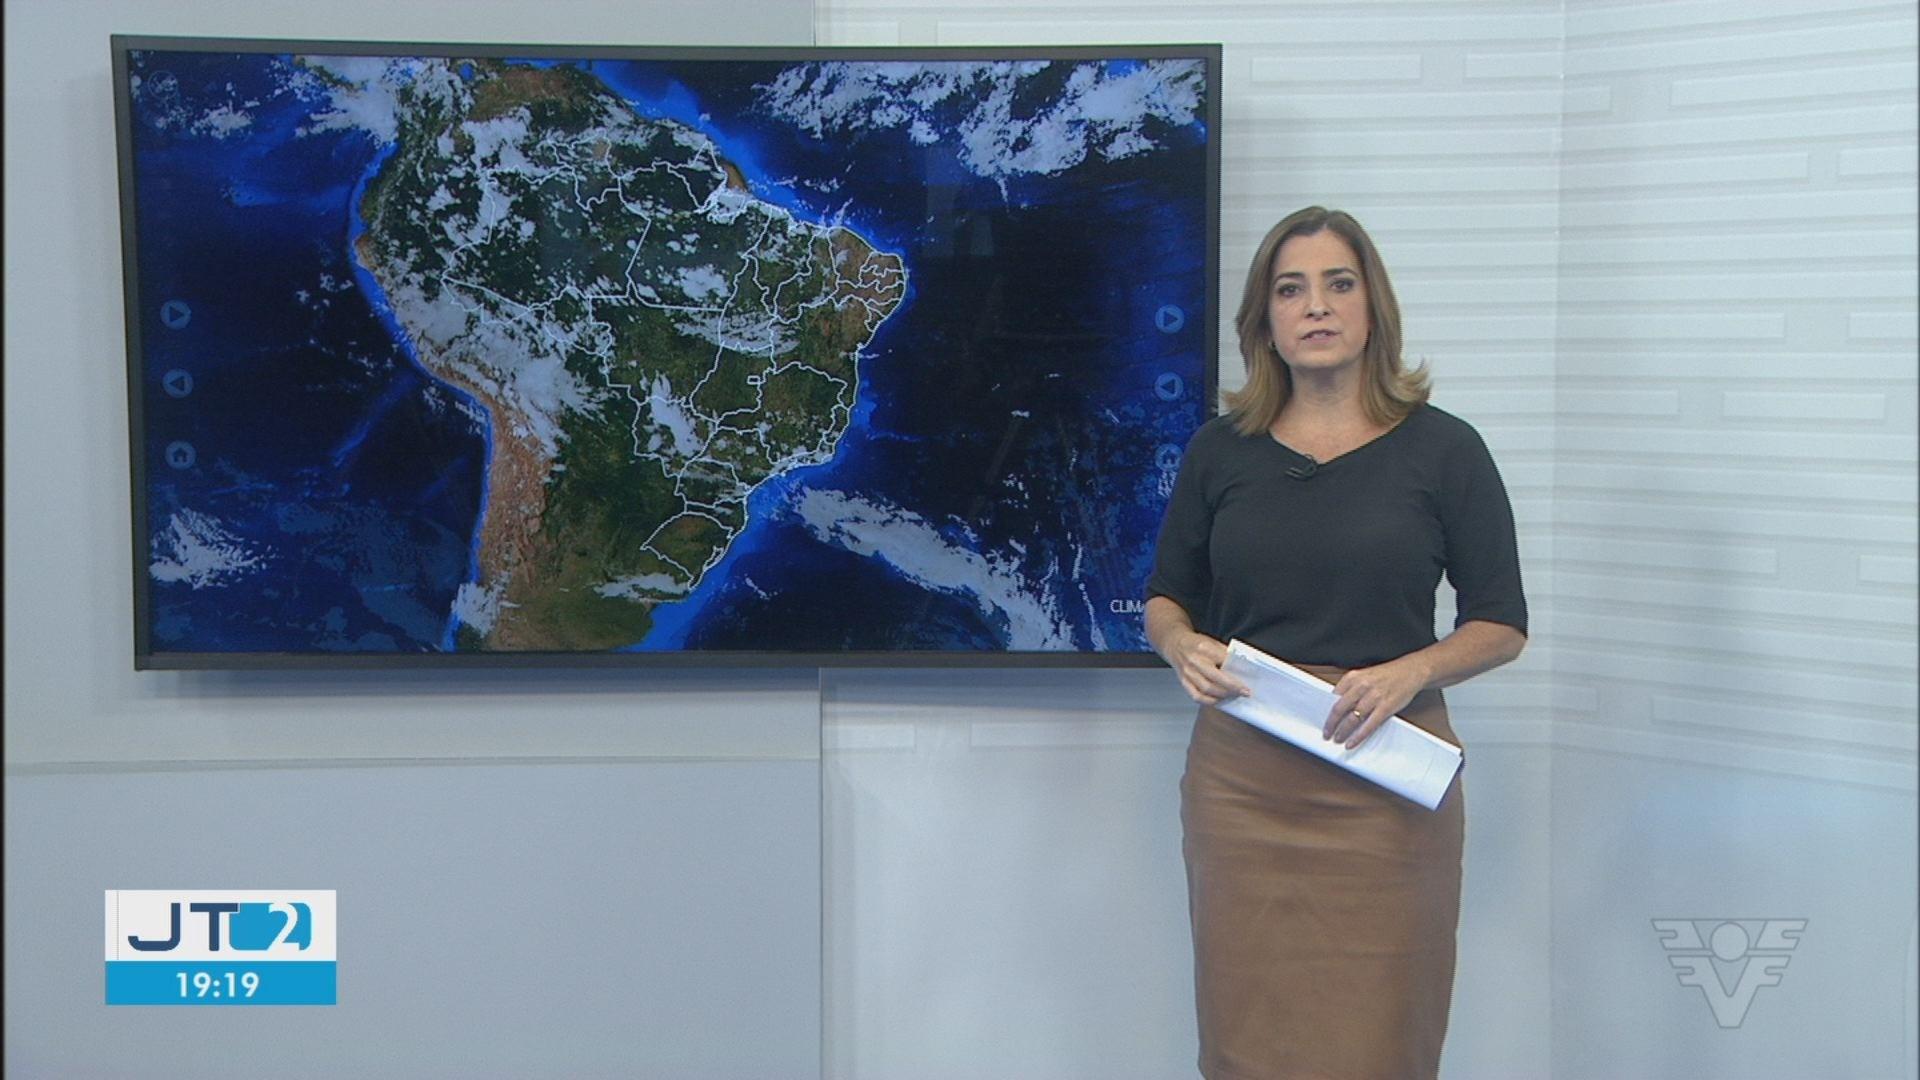 VÍDEOS: Jornal da Tribuna 2ª Edição de terça-feira, 1º de dezembro